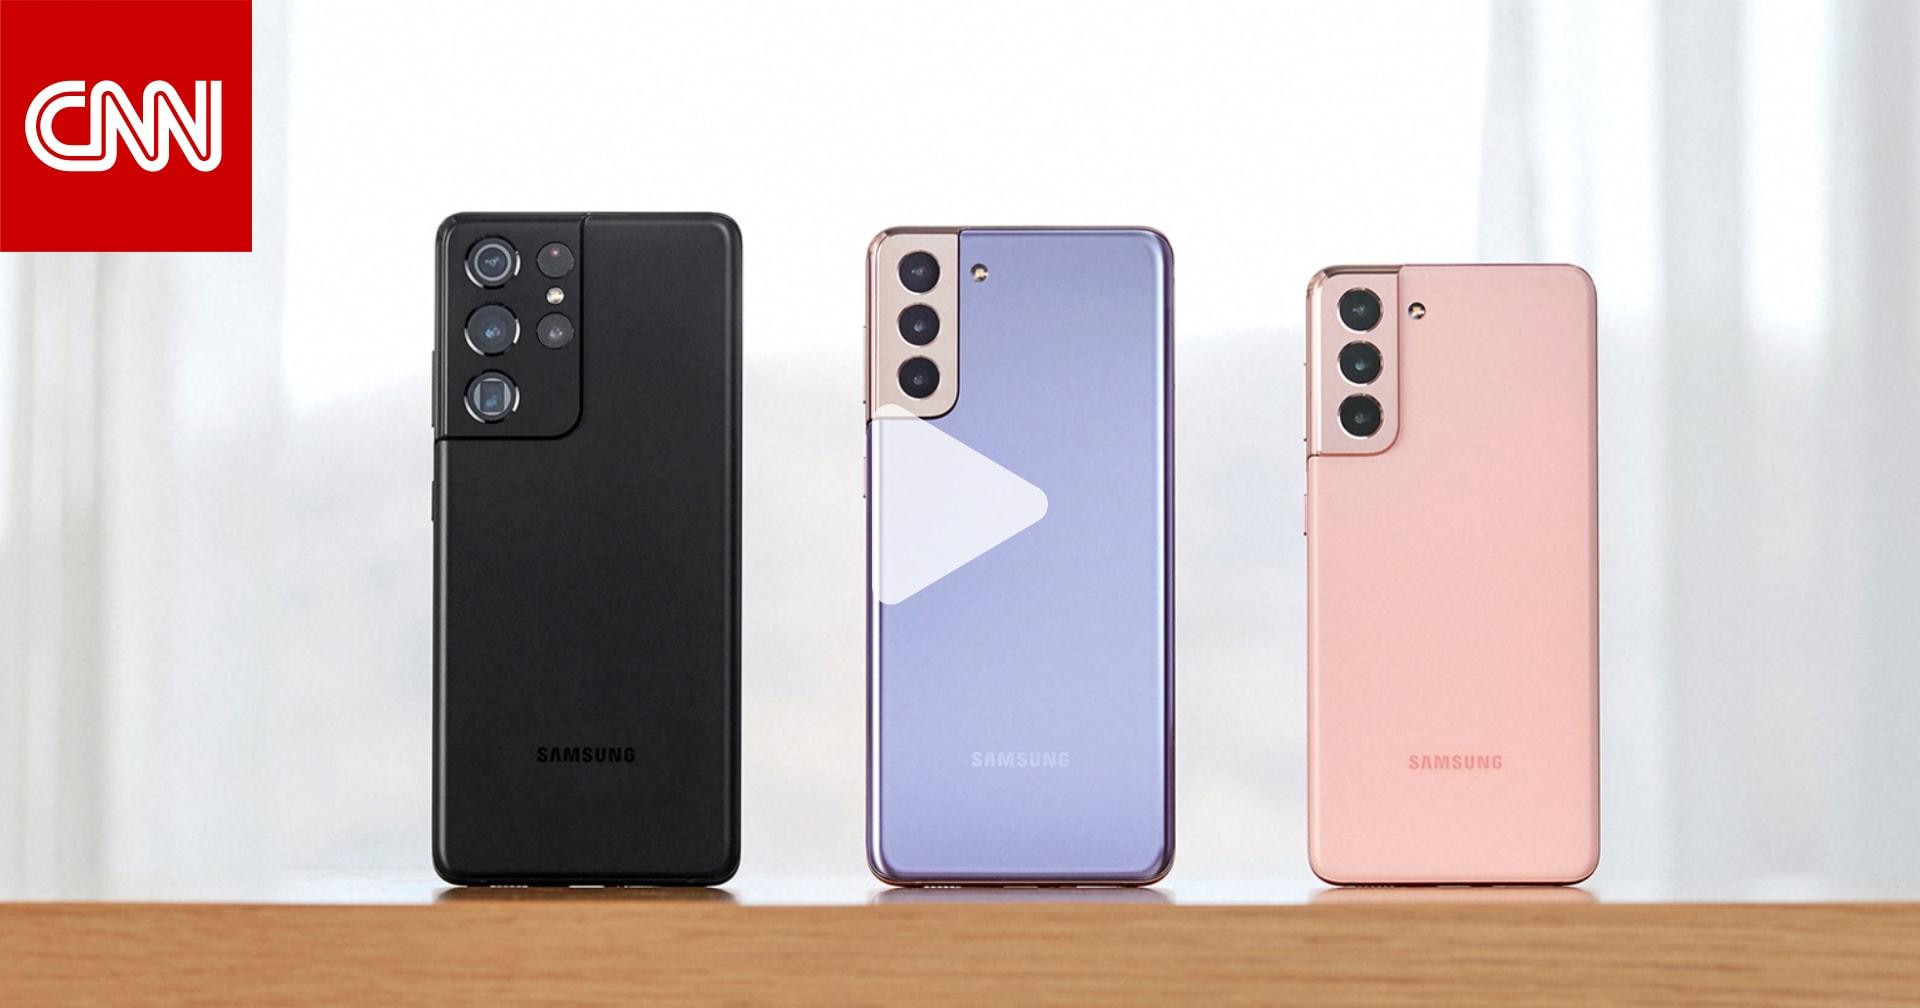 تعرف على مزايا هواتف سامسونغ الجديدة Galaxy S 21 و21 plus و S21 Ultra